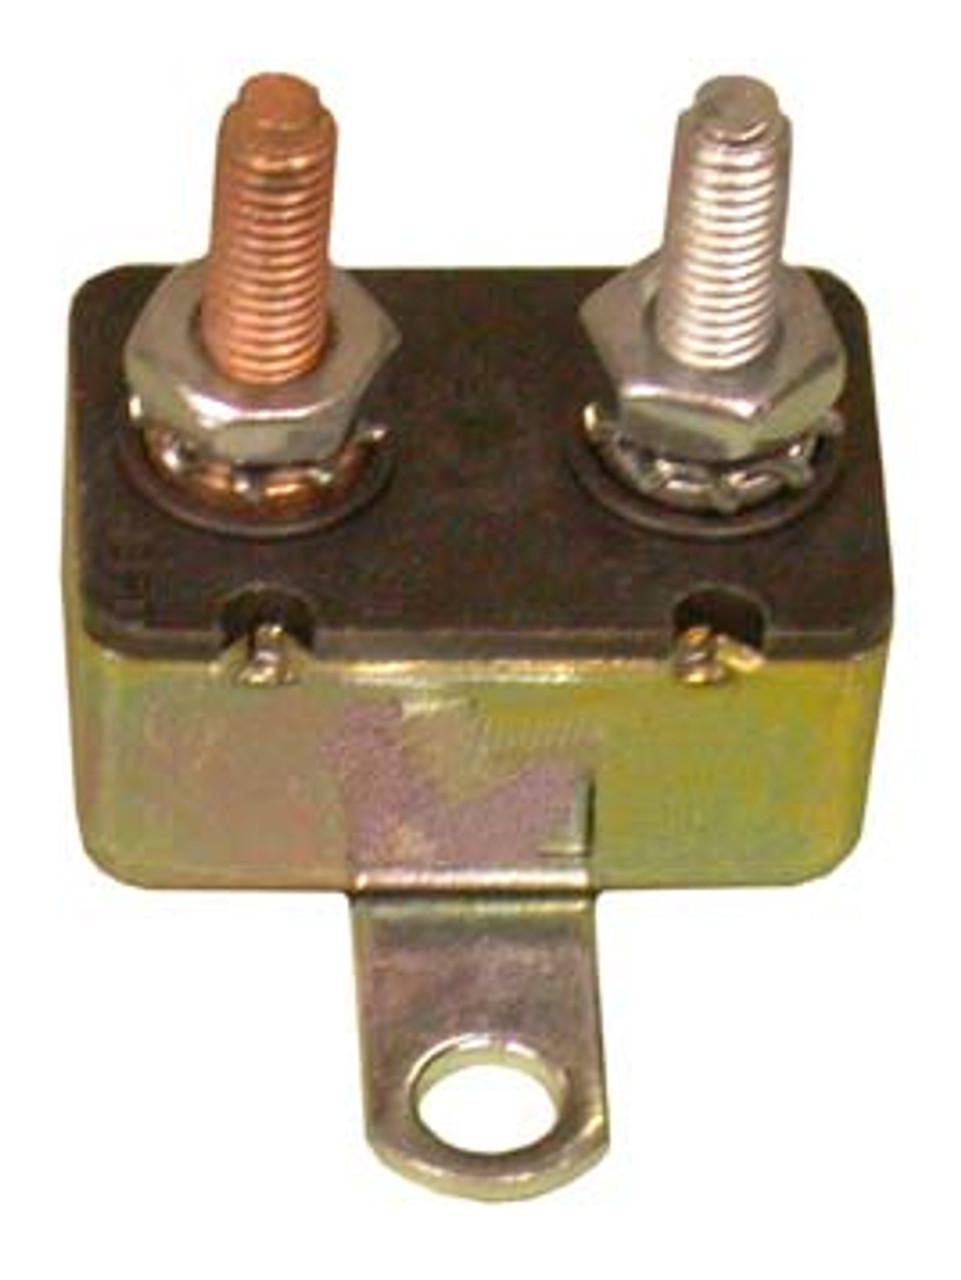 220 --- Inline Circuit Breakers - 20 amps